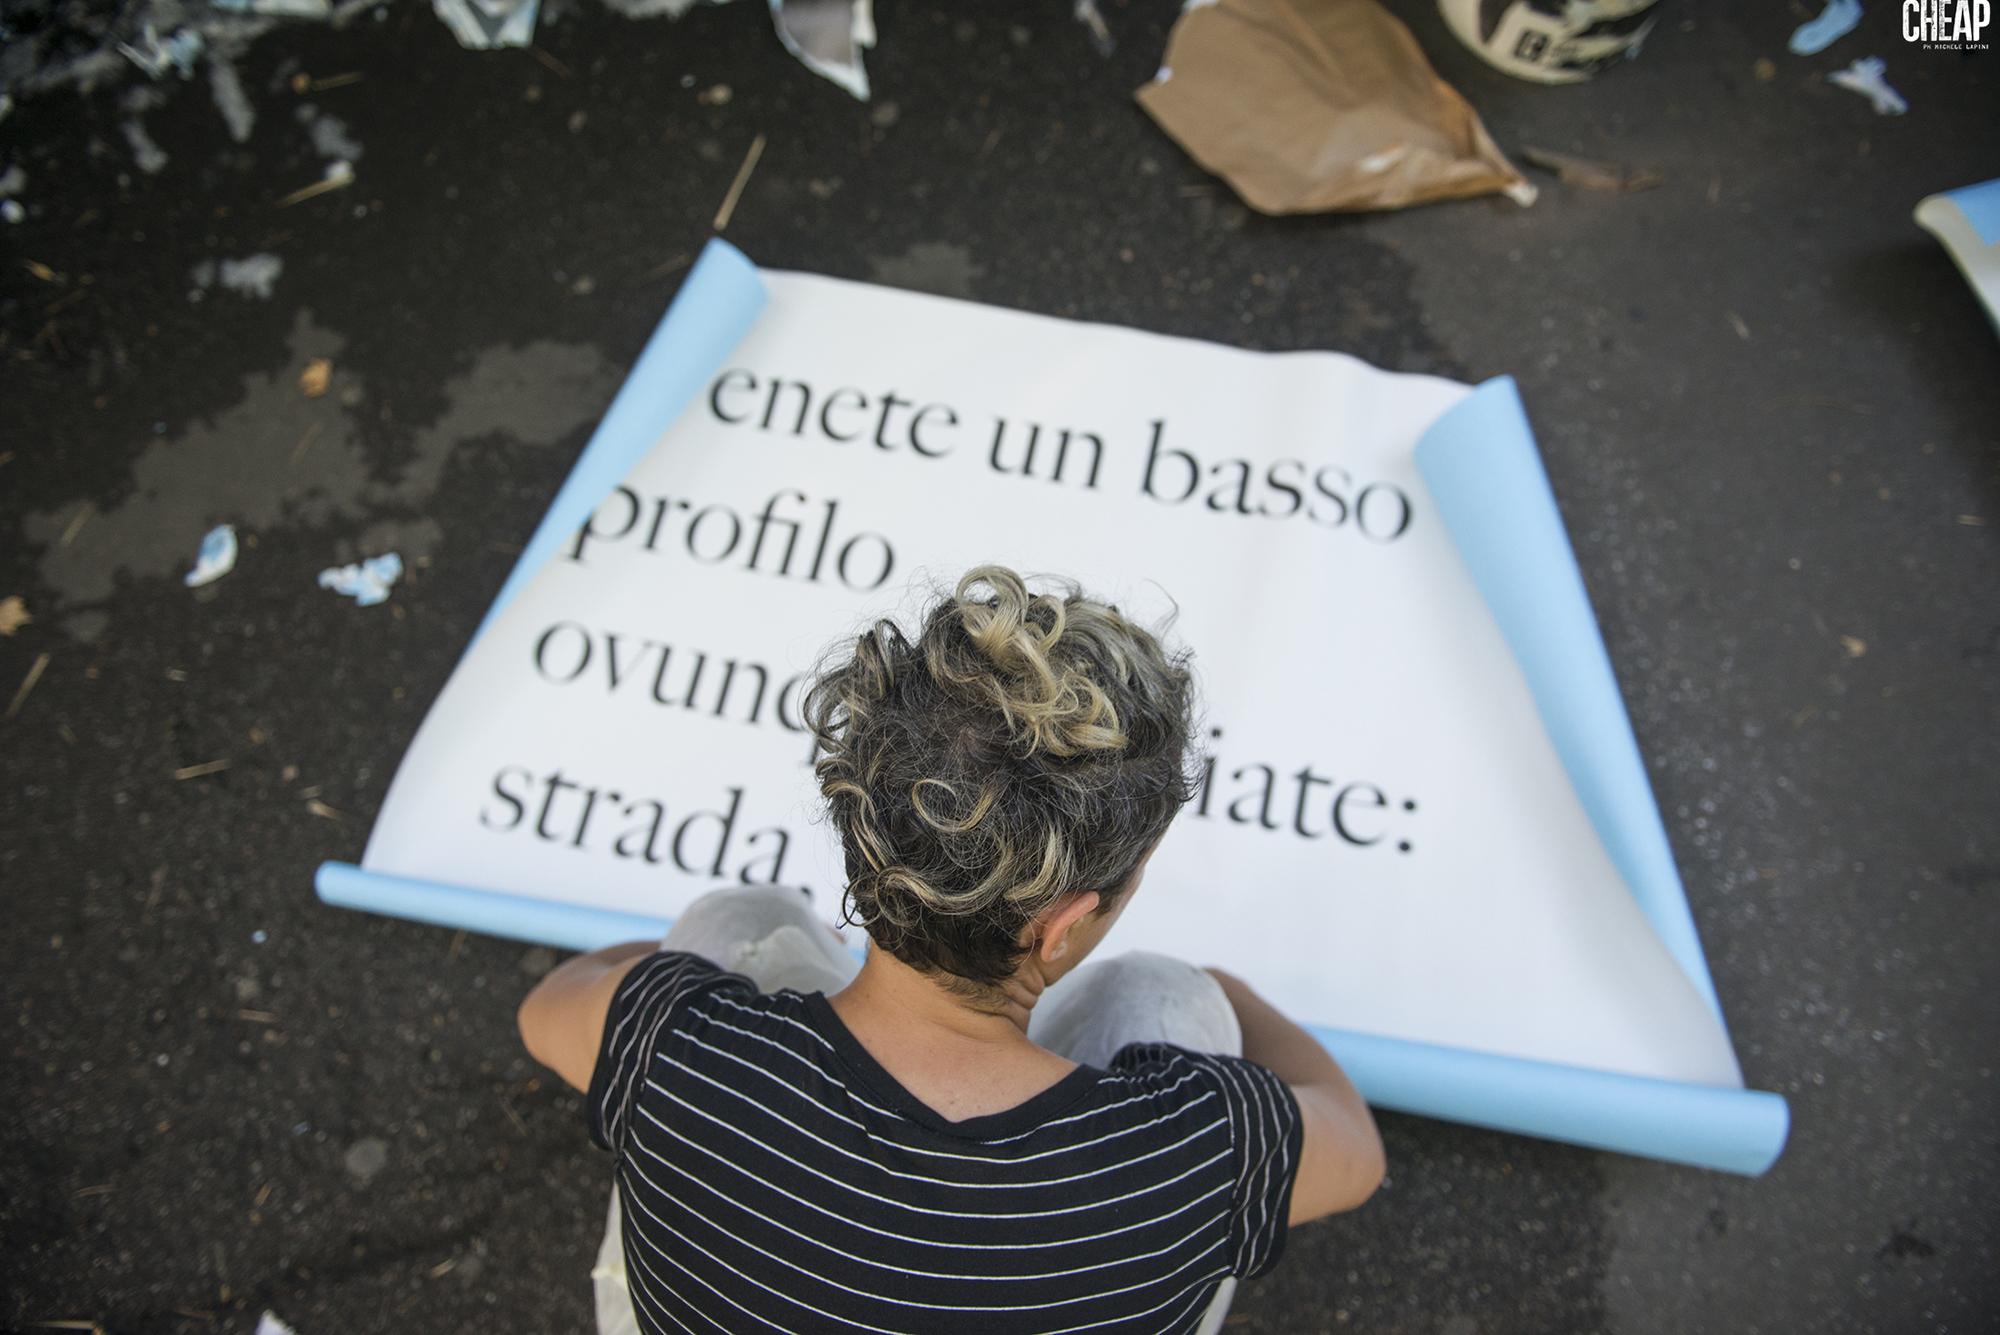 Cheap Santarcangelo Festival Via Irnerio Bologna Poster